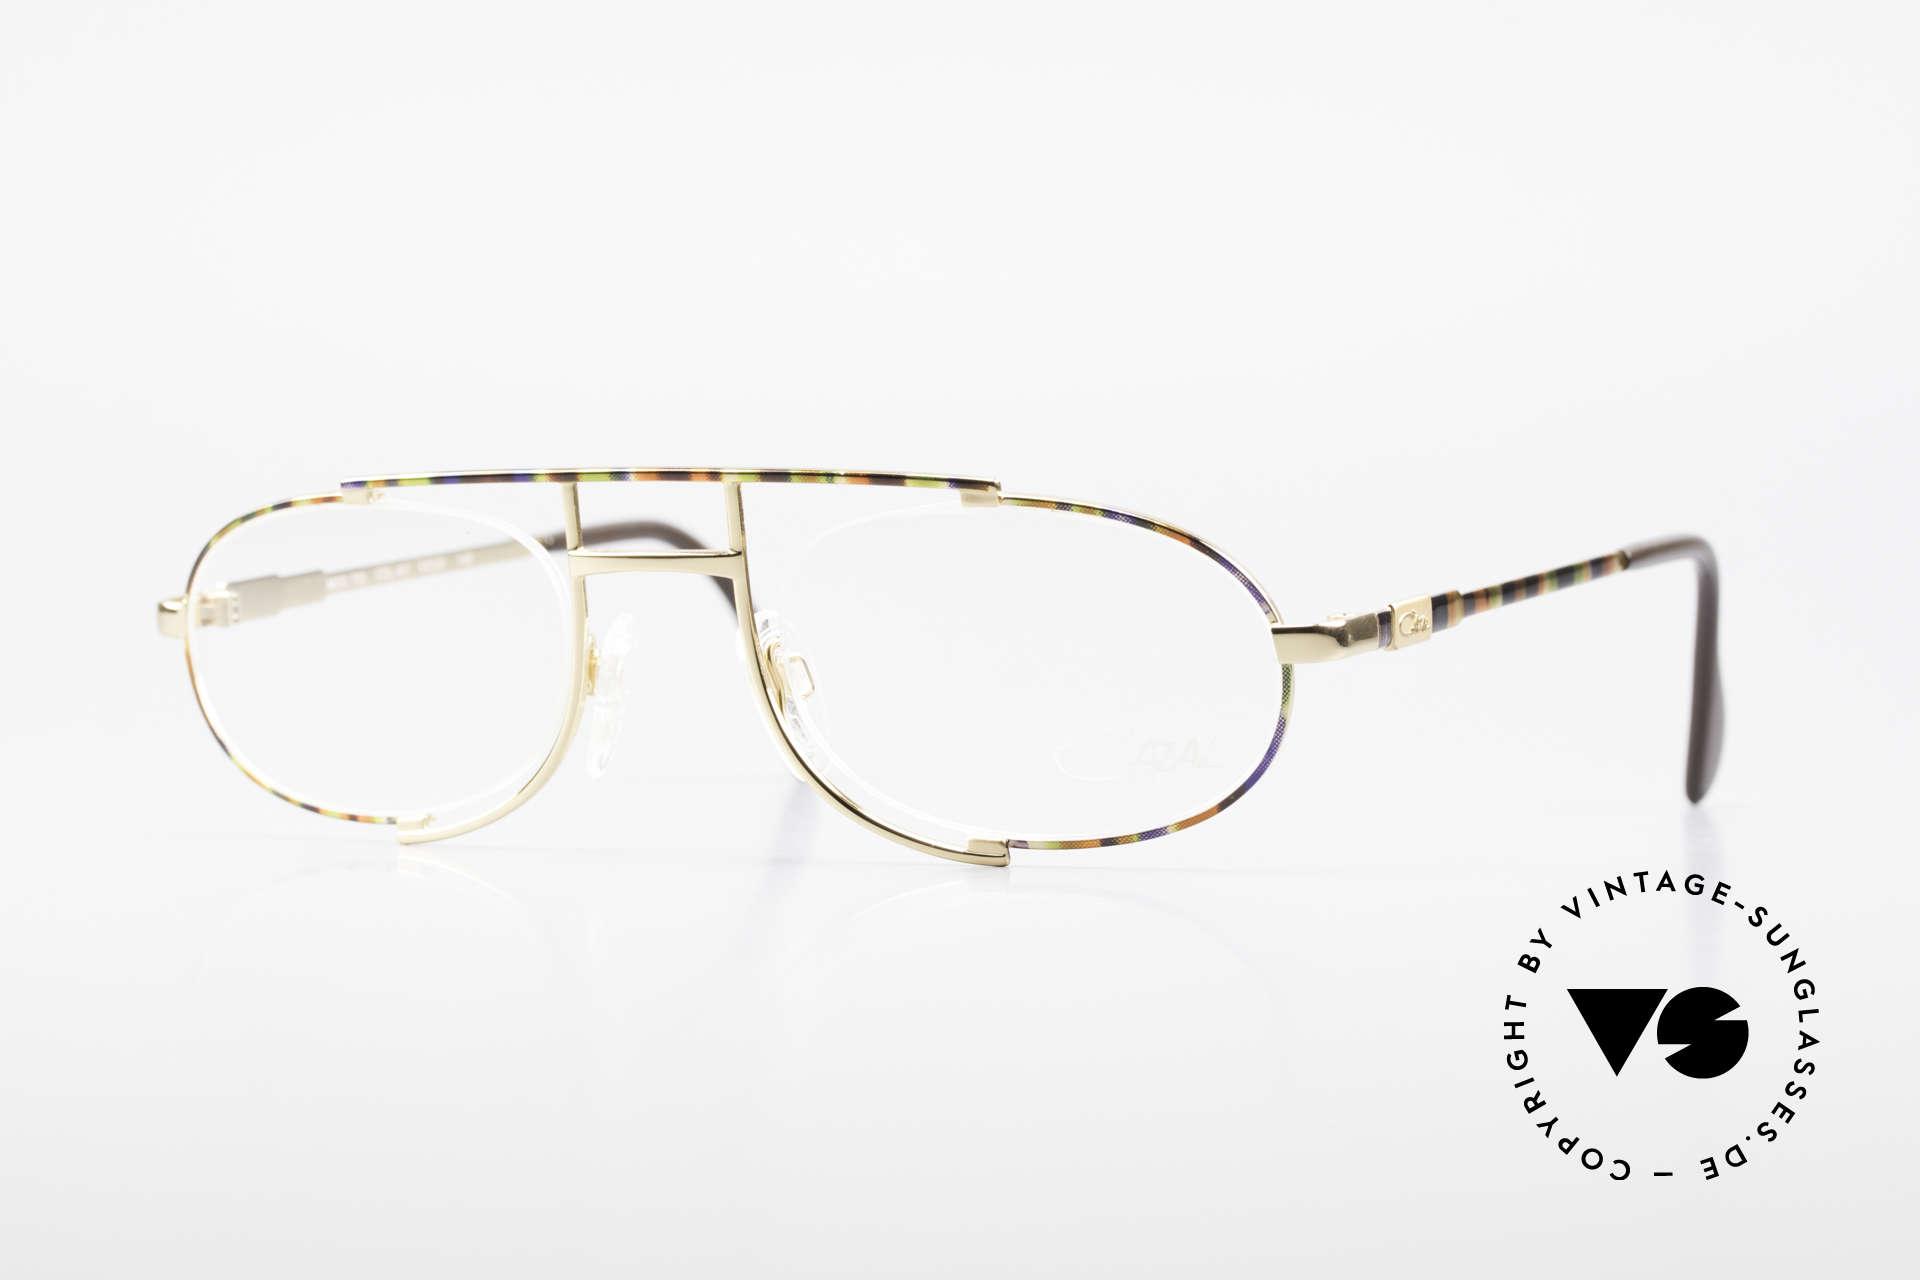 Cazal 753 Rare 1990's Designer Glasses, oval vintage eyeglass-frame by CAZAL from 1992, Made for Men